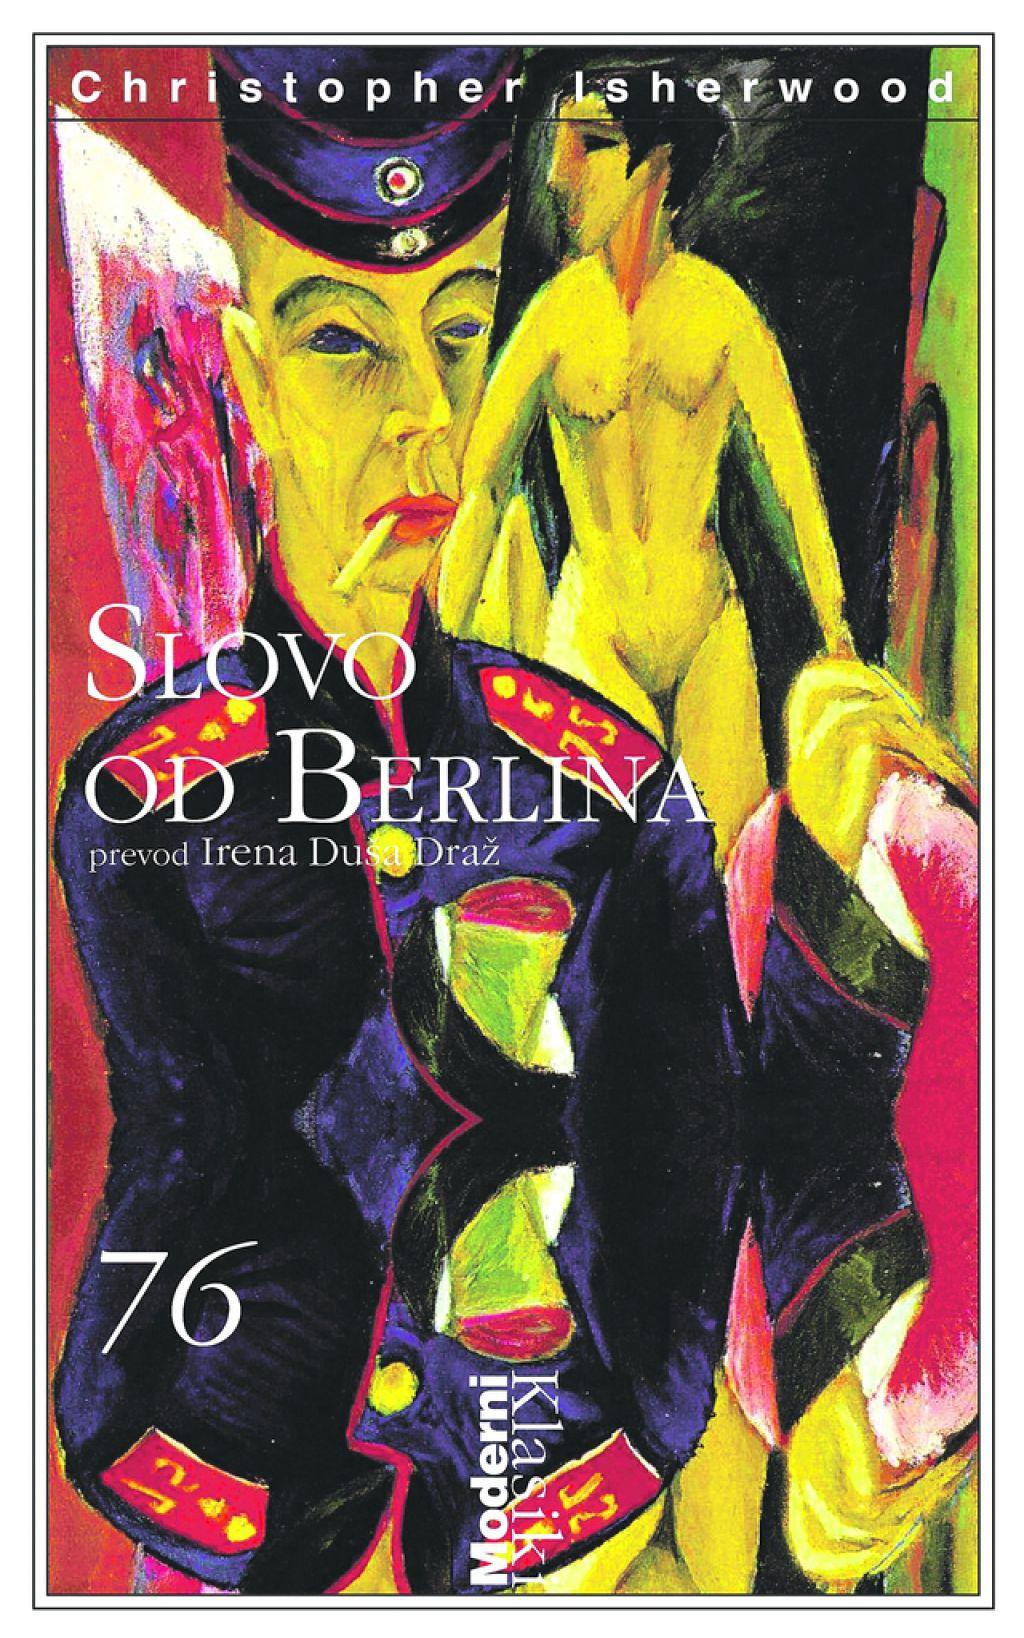 Knjiga tedna: Slovo od Berlina